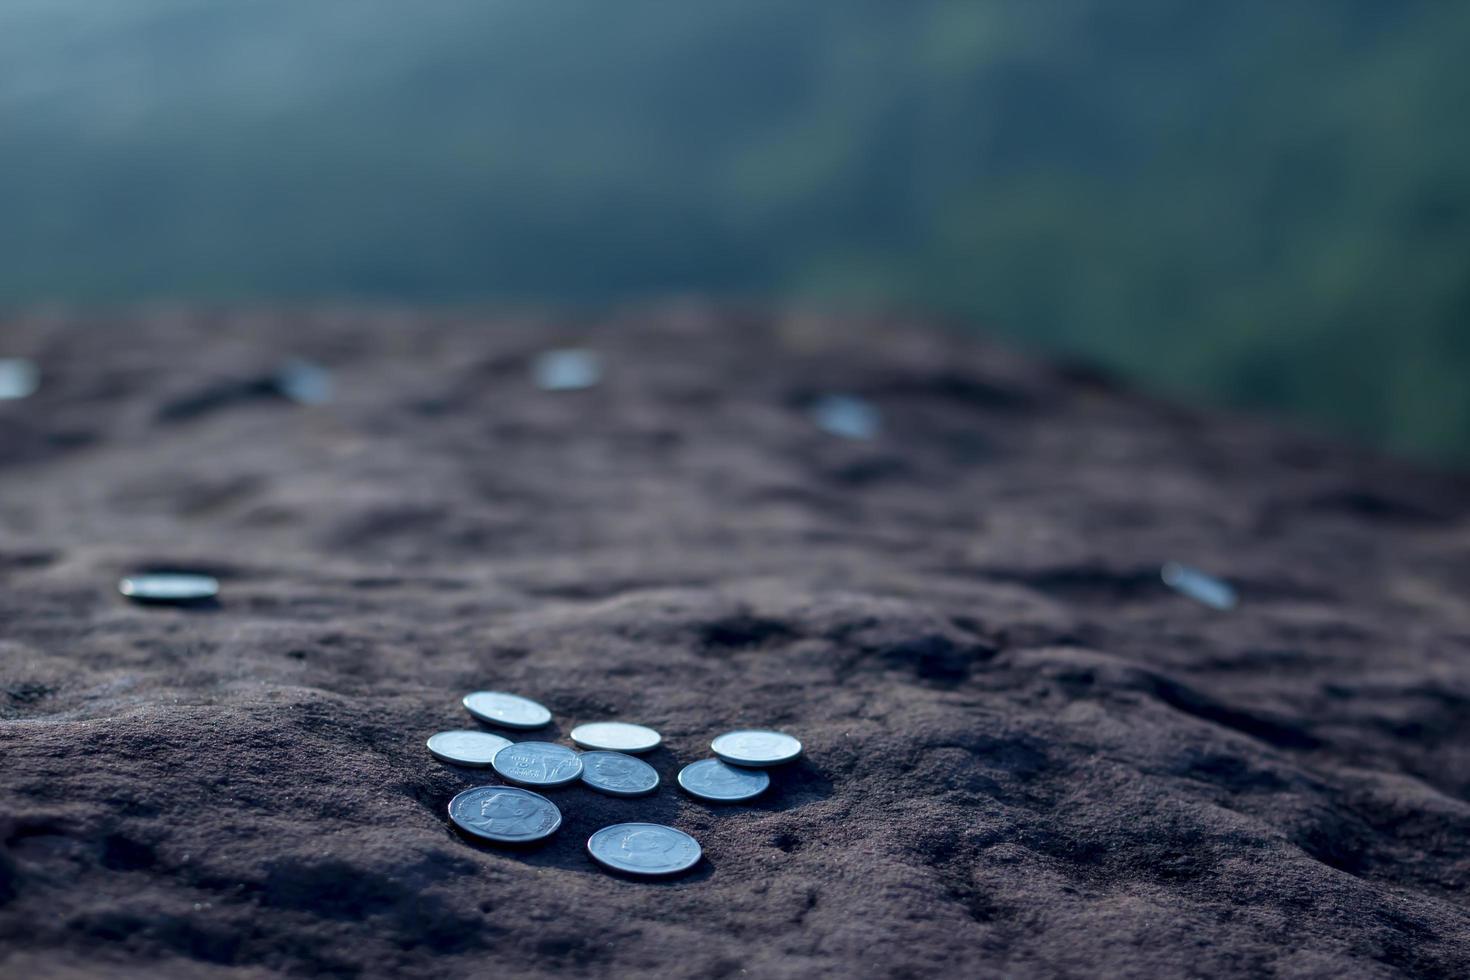 geldmuntstuk dat op de steen wordt geplaatst. economisch concept uitdrukken foto